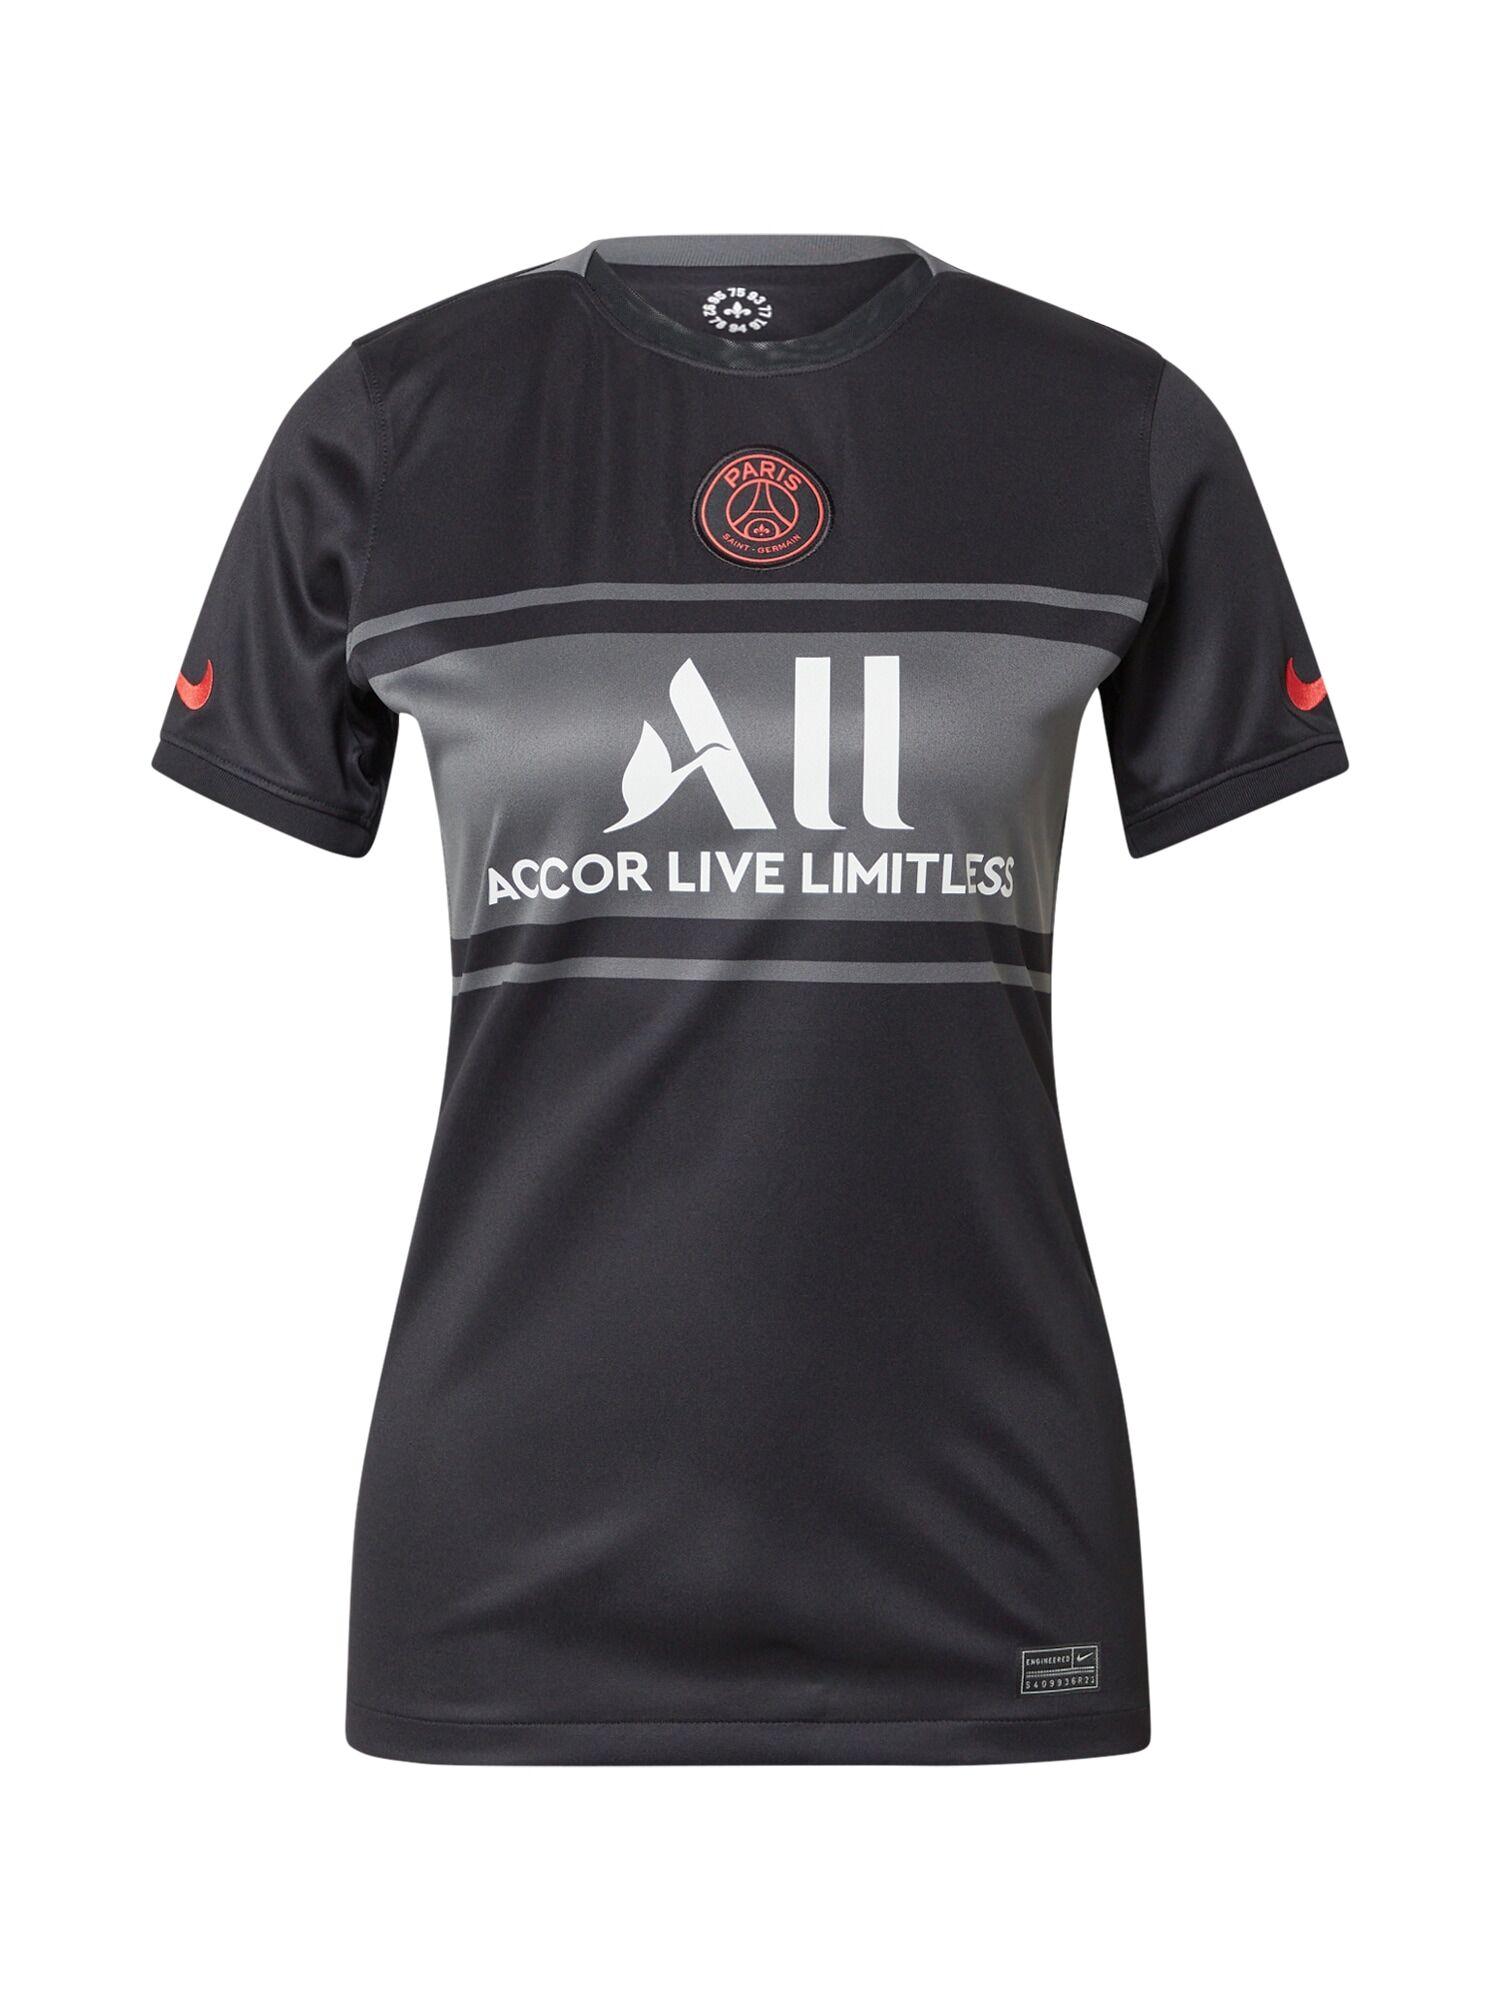 NIKE Maillot 'Paris Saint-Germain 2021/22'  - Noir - Taille: XS - female